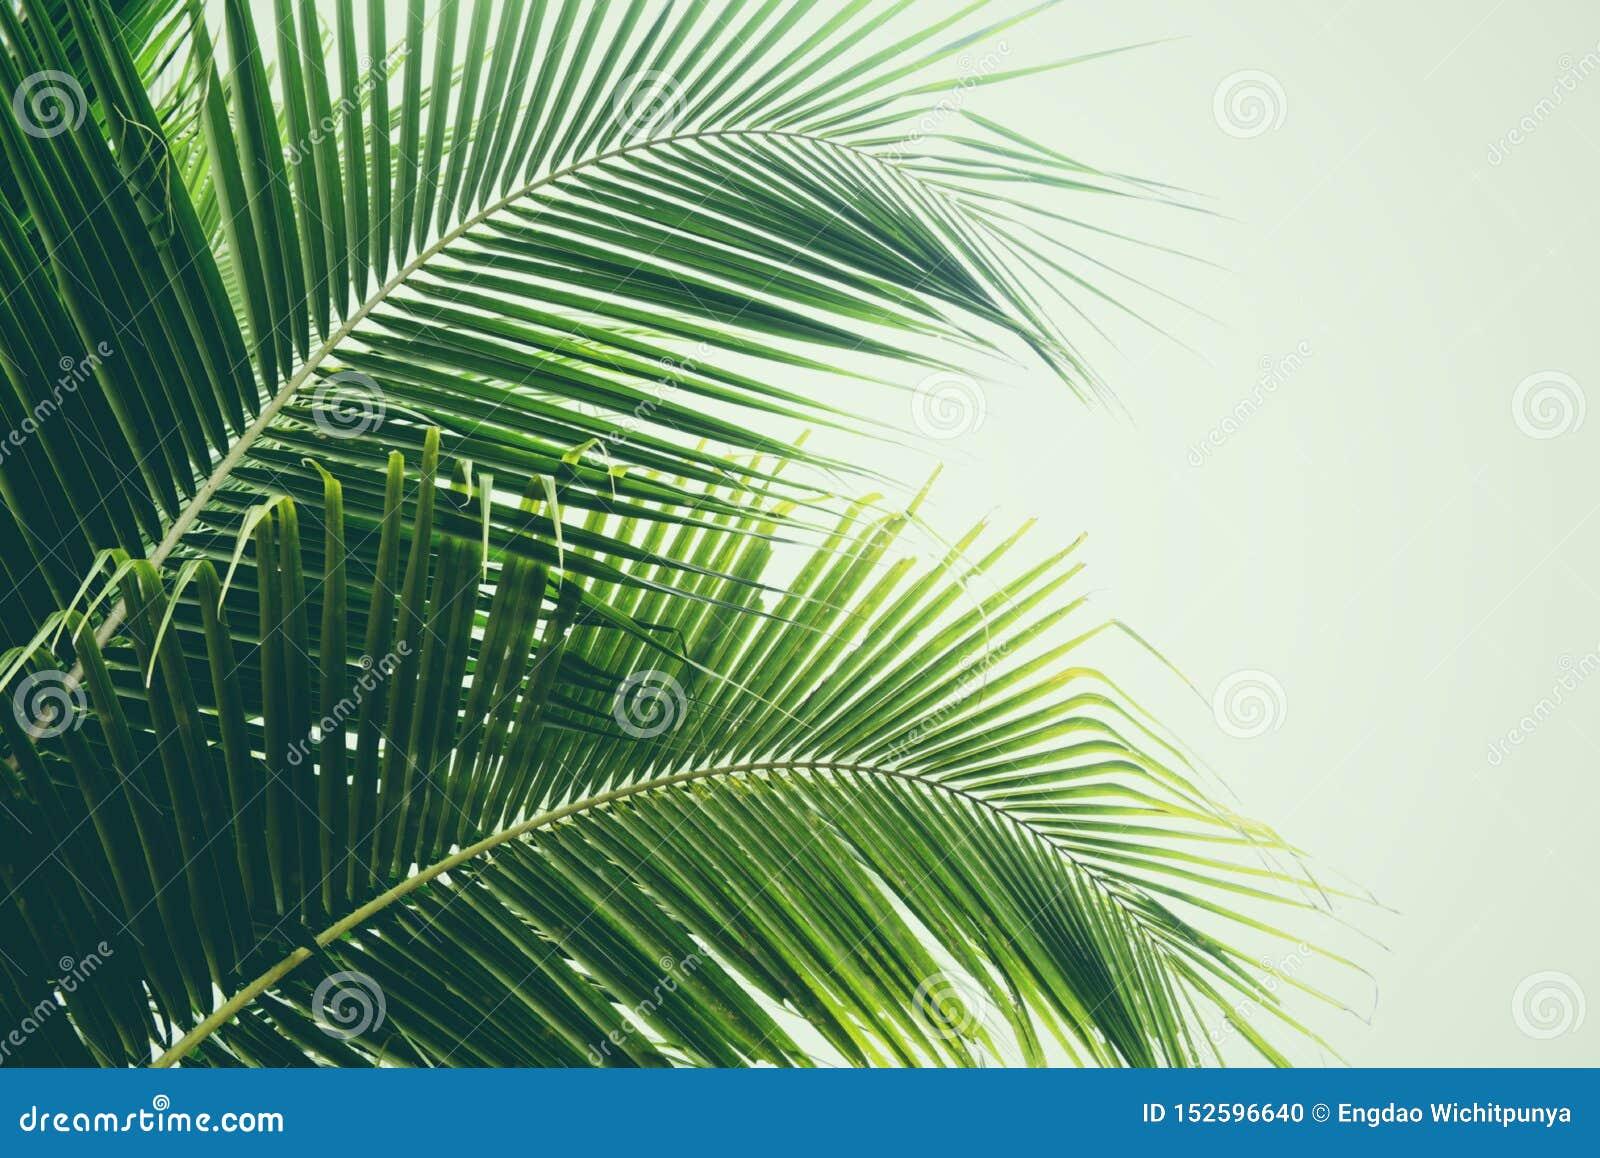 Φρέσκο πράσινο φύλλο φοινικών στα τροπικά φύλλα φυτών δέντρων καρύδων